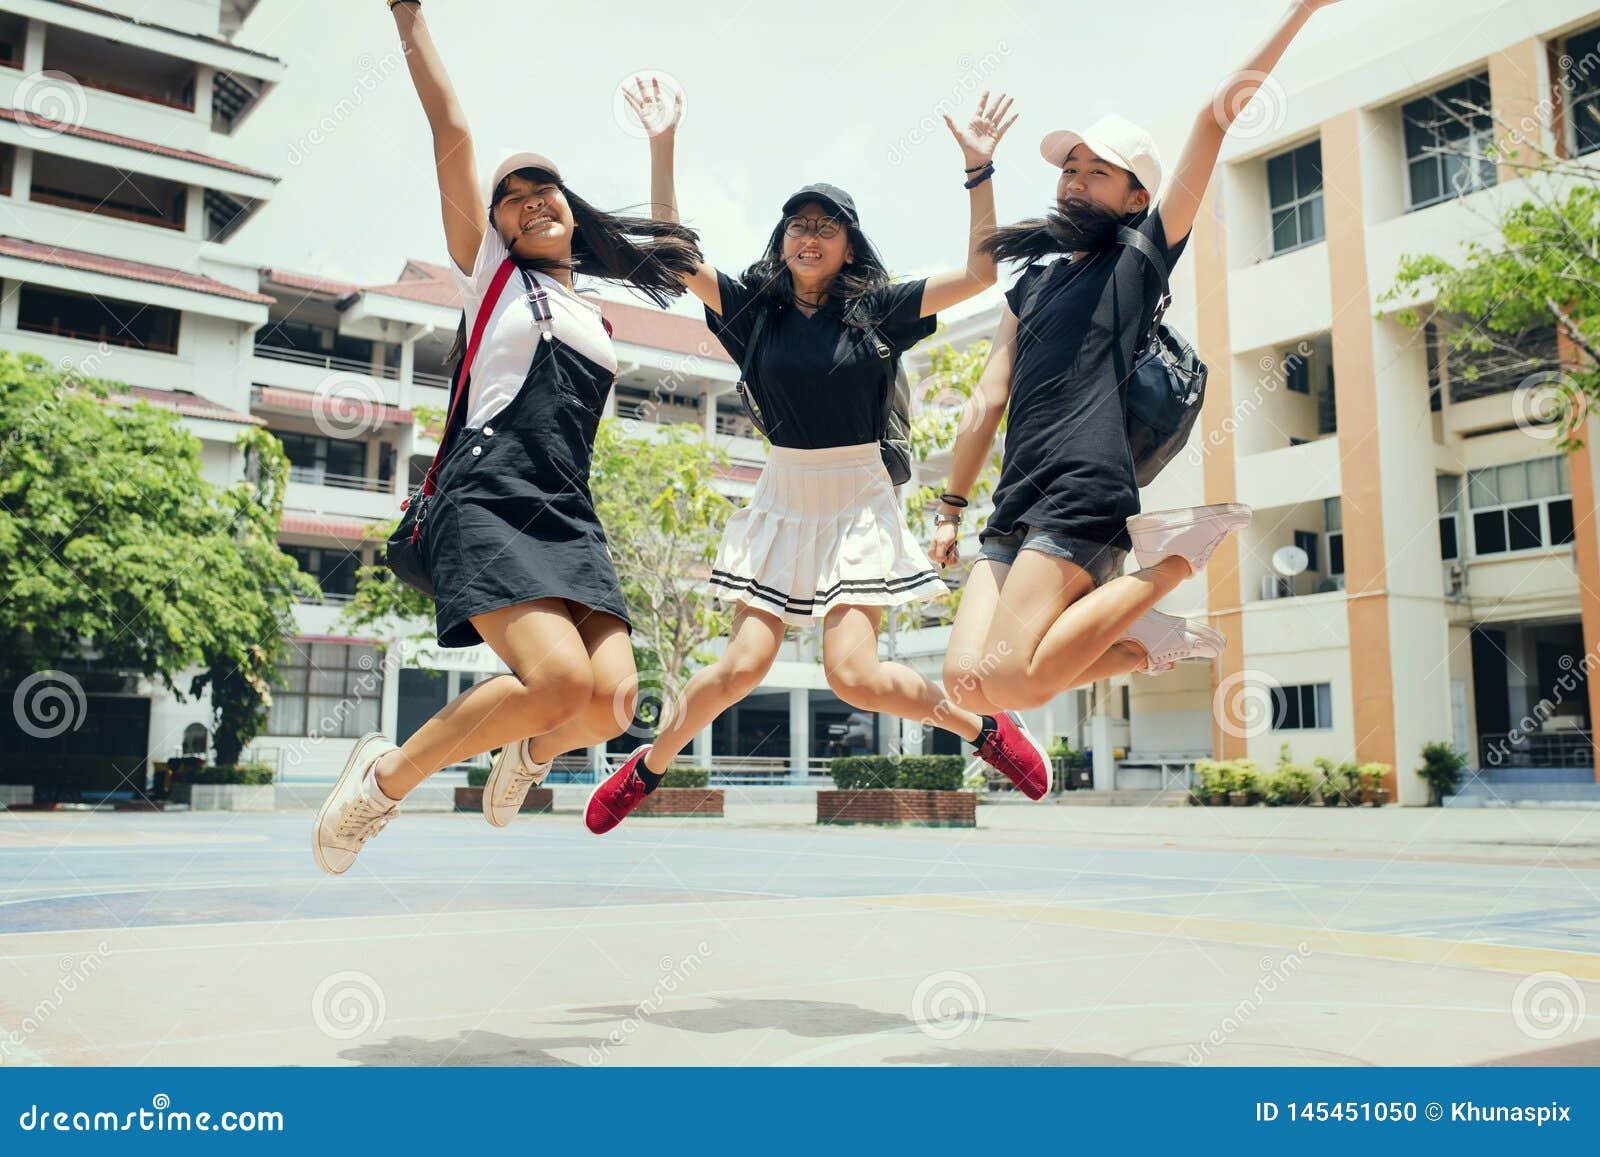 Aziatische tiener drie die medio lucht met gelukemotie springen tegen de schoolbouw achtergrond